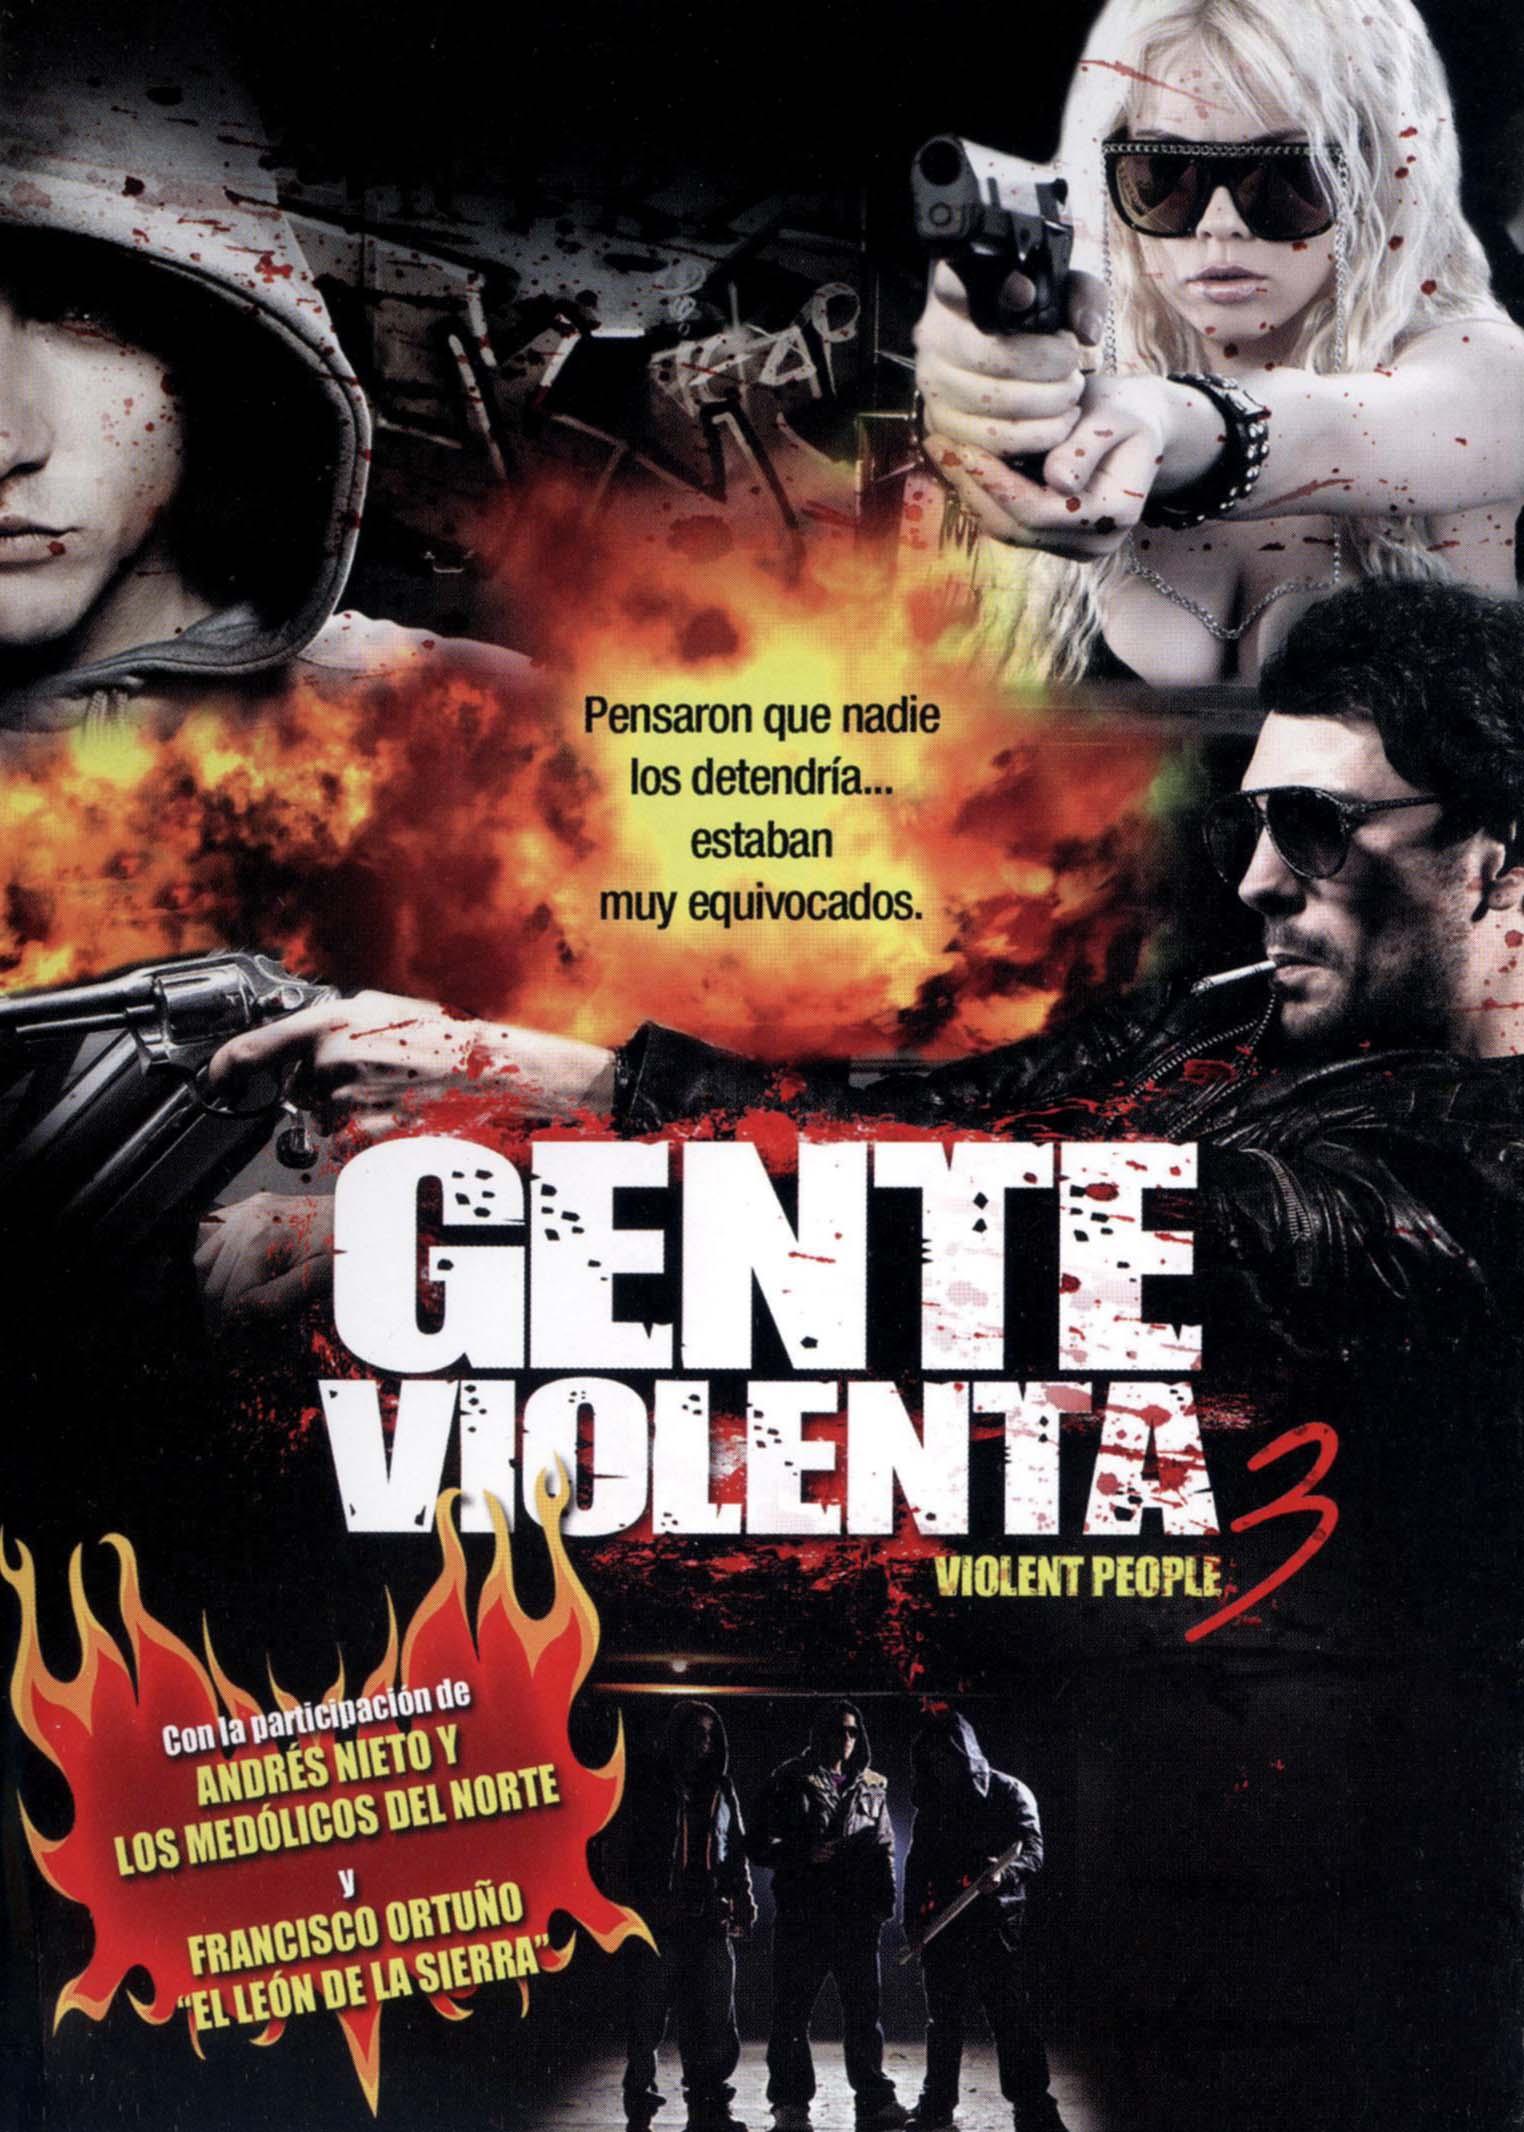 Gente Violenta 3